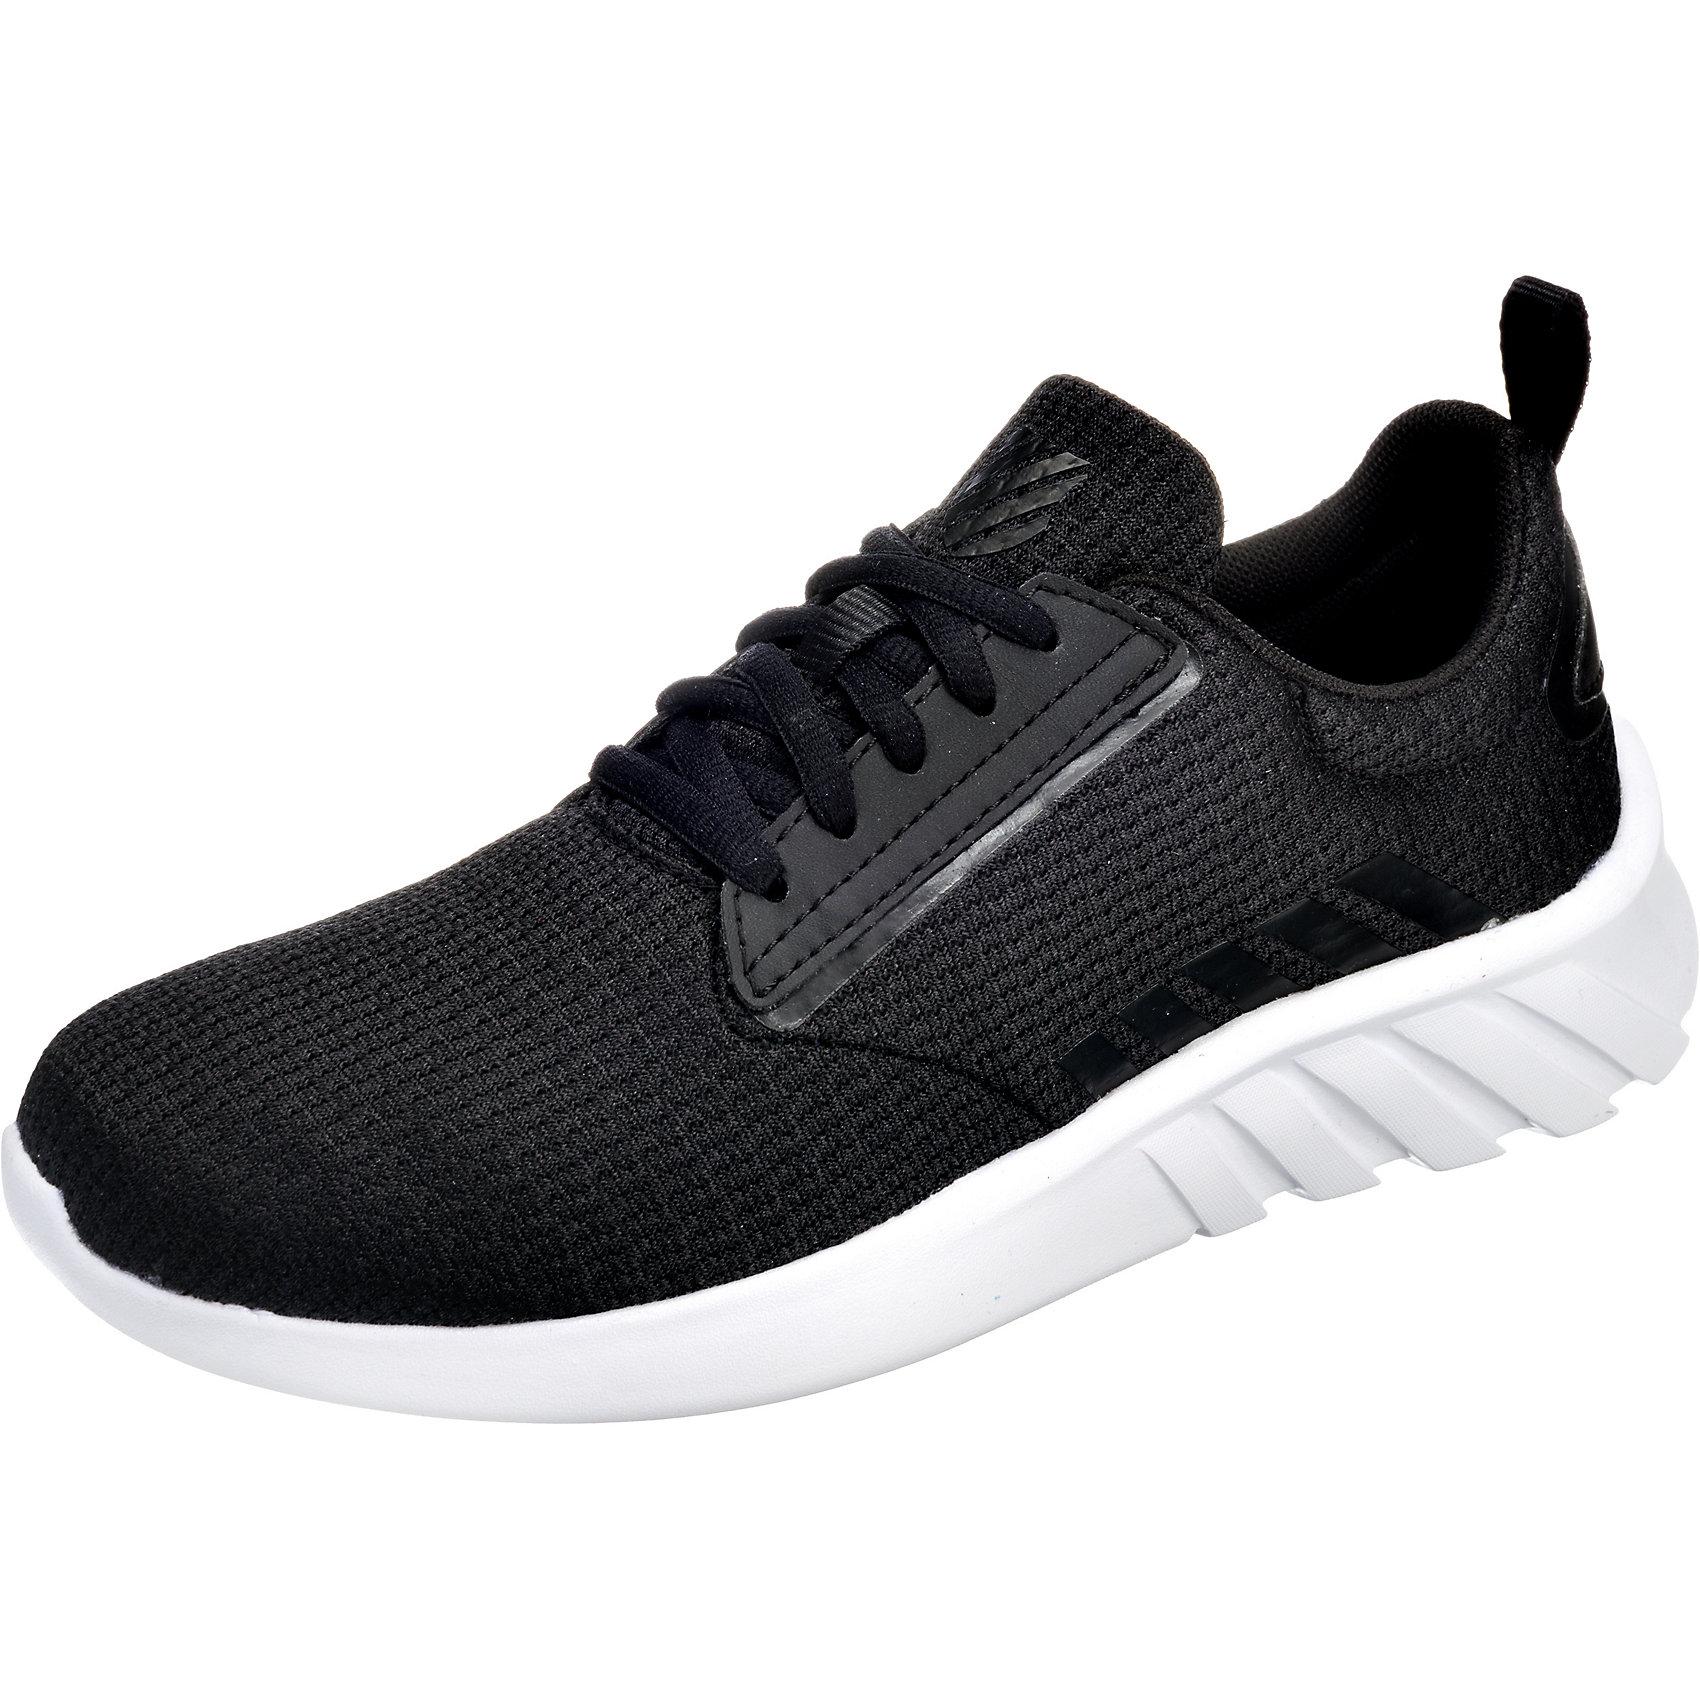 Neu Neu Neu K-SWISS Aeronaut Sneakers Niedrig 6830749 für Damen schwarz e78e03